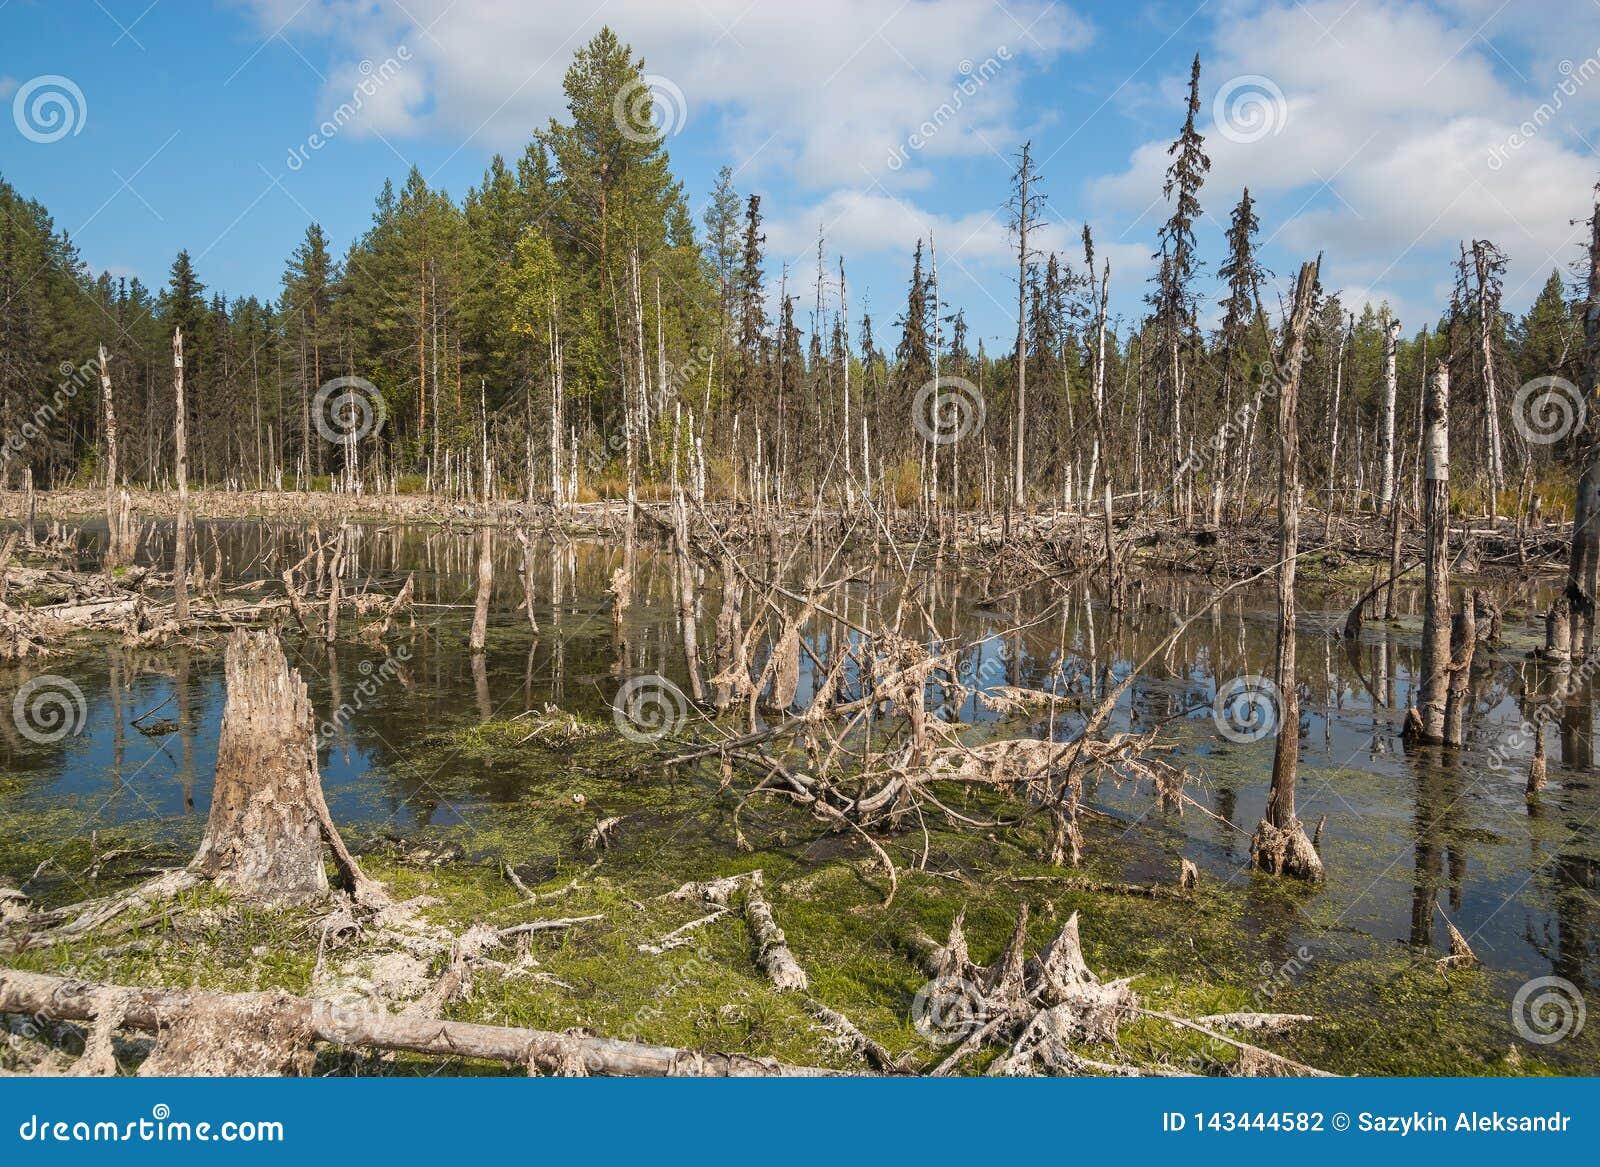 Formacja bagna mesotrophic W klimatycznej strefy tajdze, tundra Arkhangelsk region